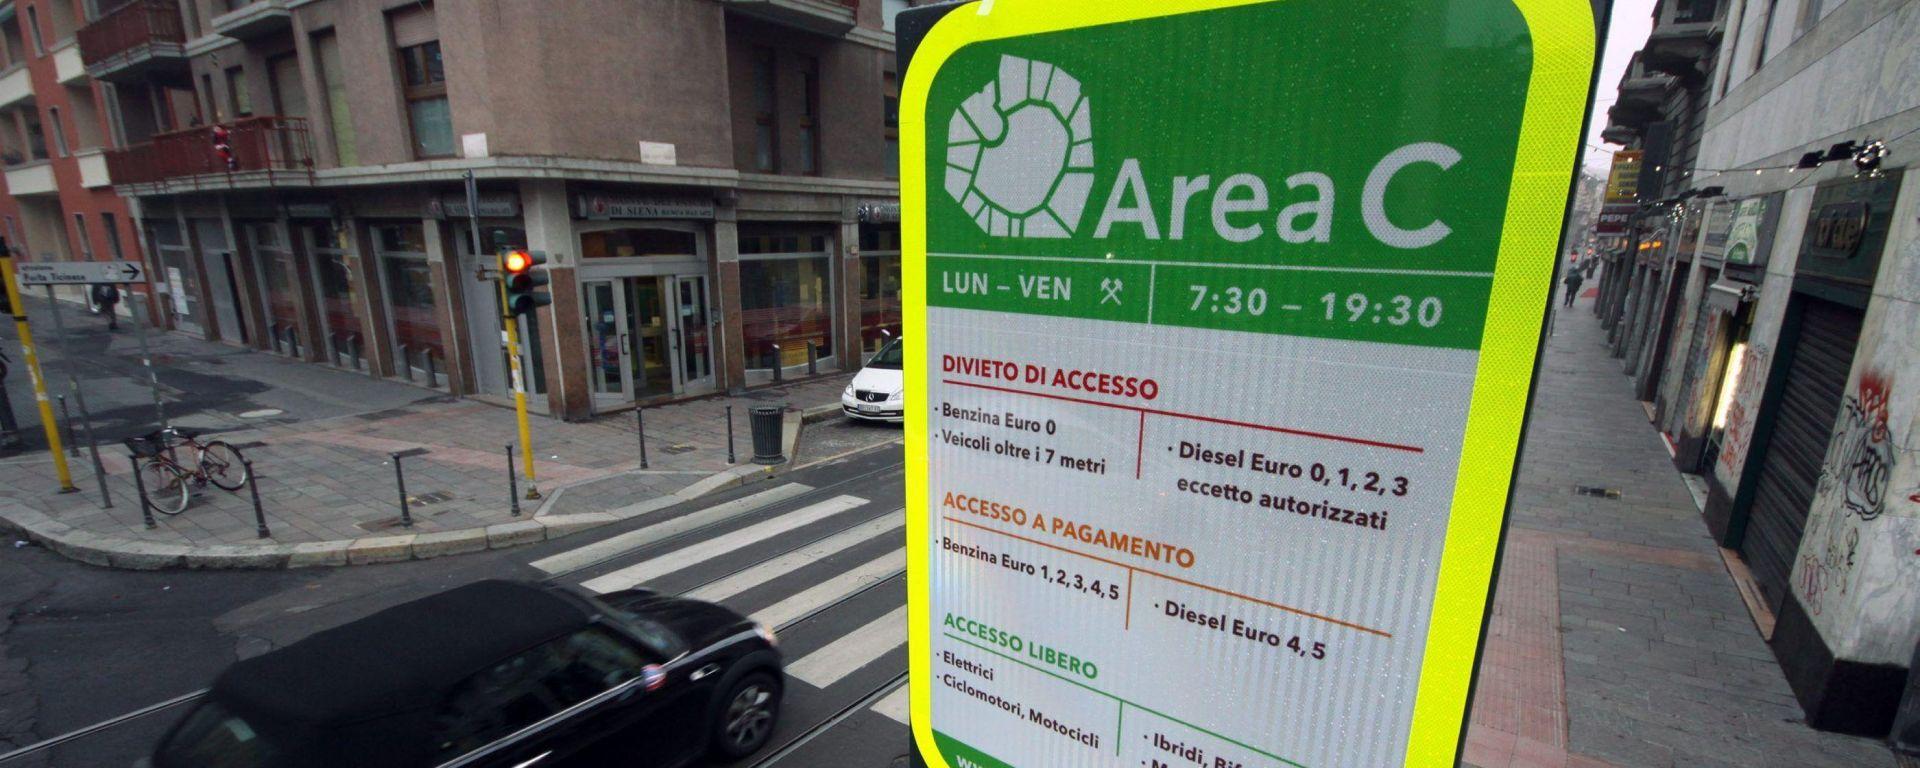 Area C: da febbraio pagheranno anche auto a GPL e metano. Accessi chiusi per diesel Euro 4 senza fap